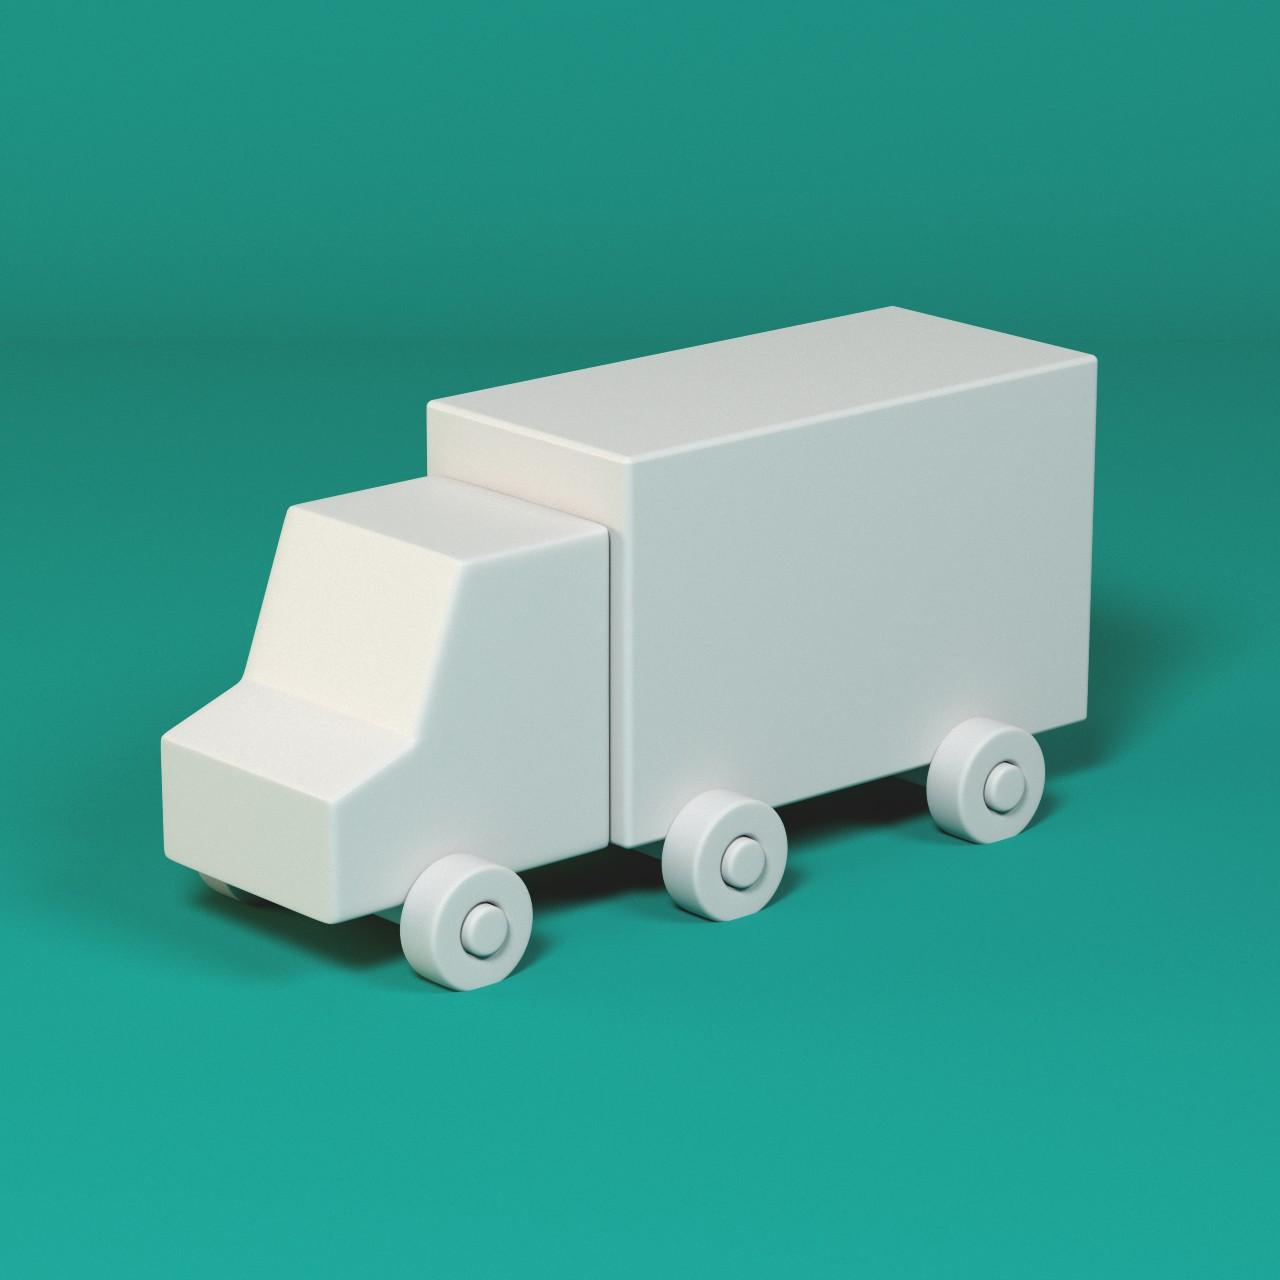 furniture_truck_v1_1.jpg